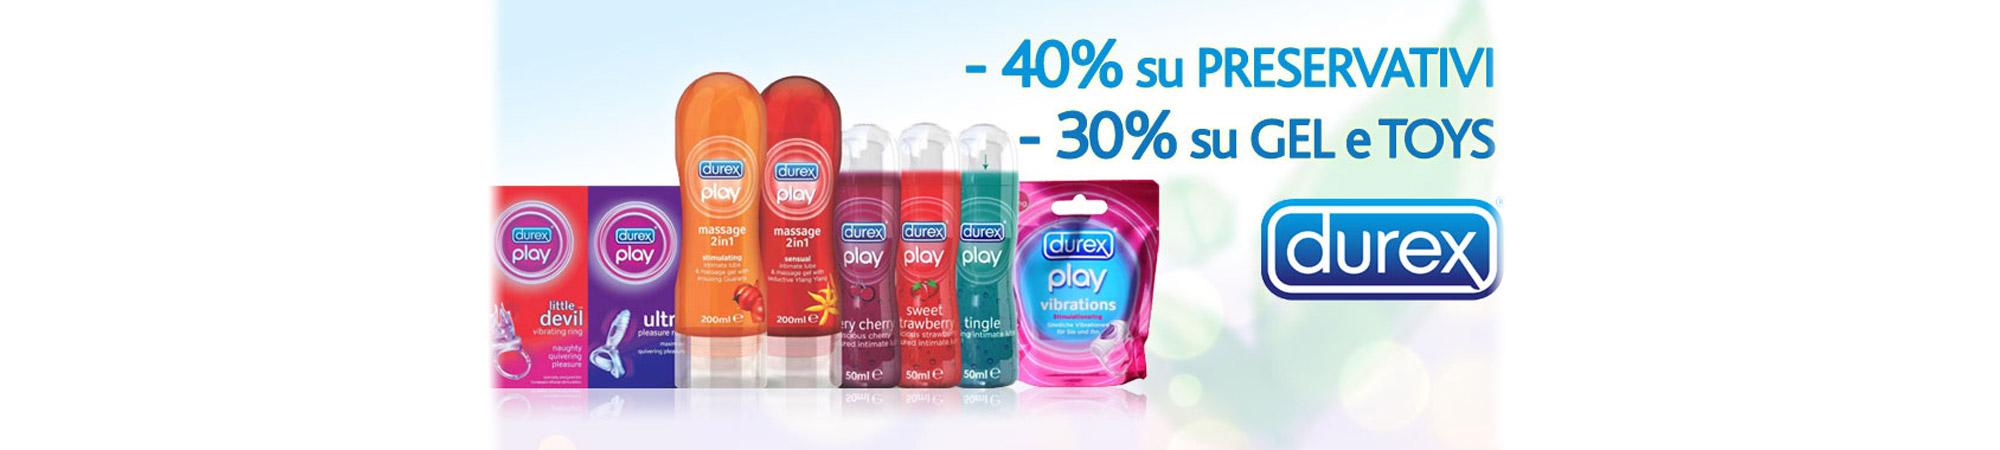 Sconto del 40% sui preservativi e del 30% su toys e lubrificanti!